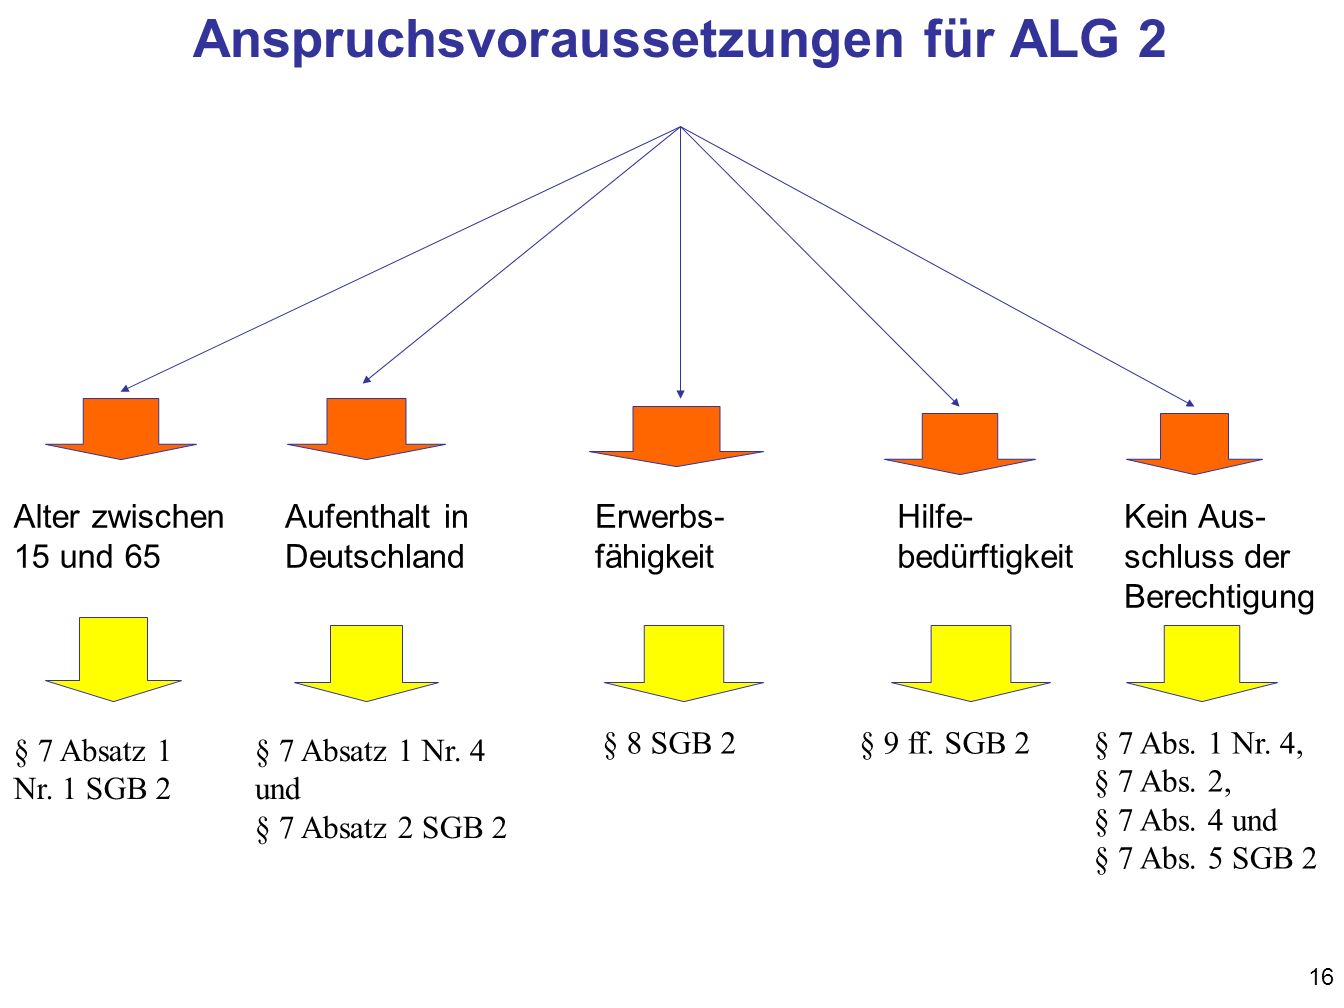 Anspruchsvoraussetzungen für ALG 2